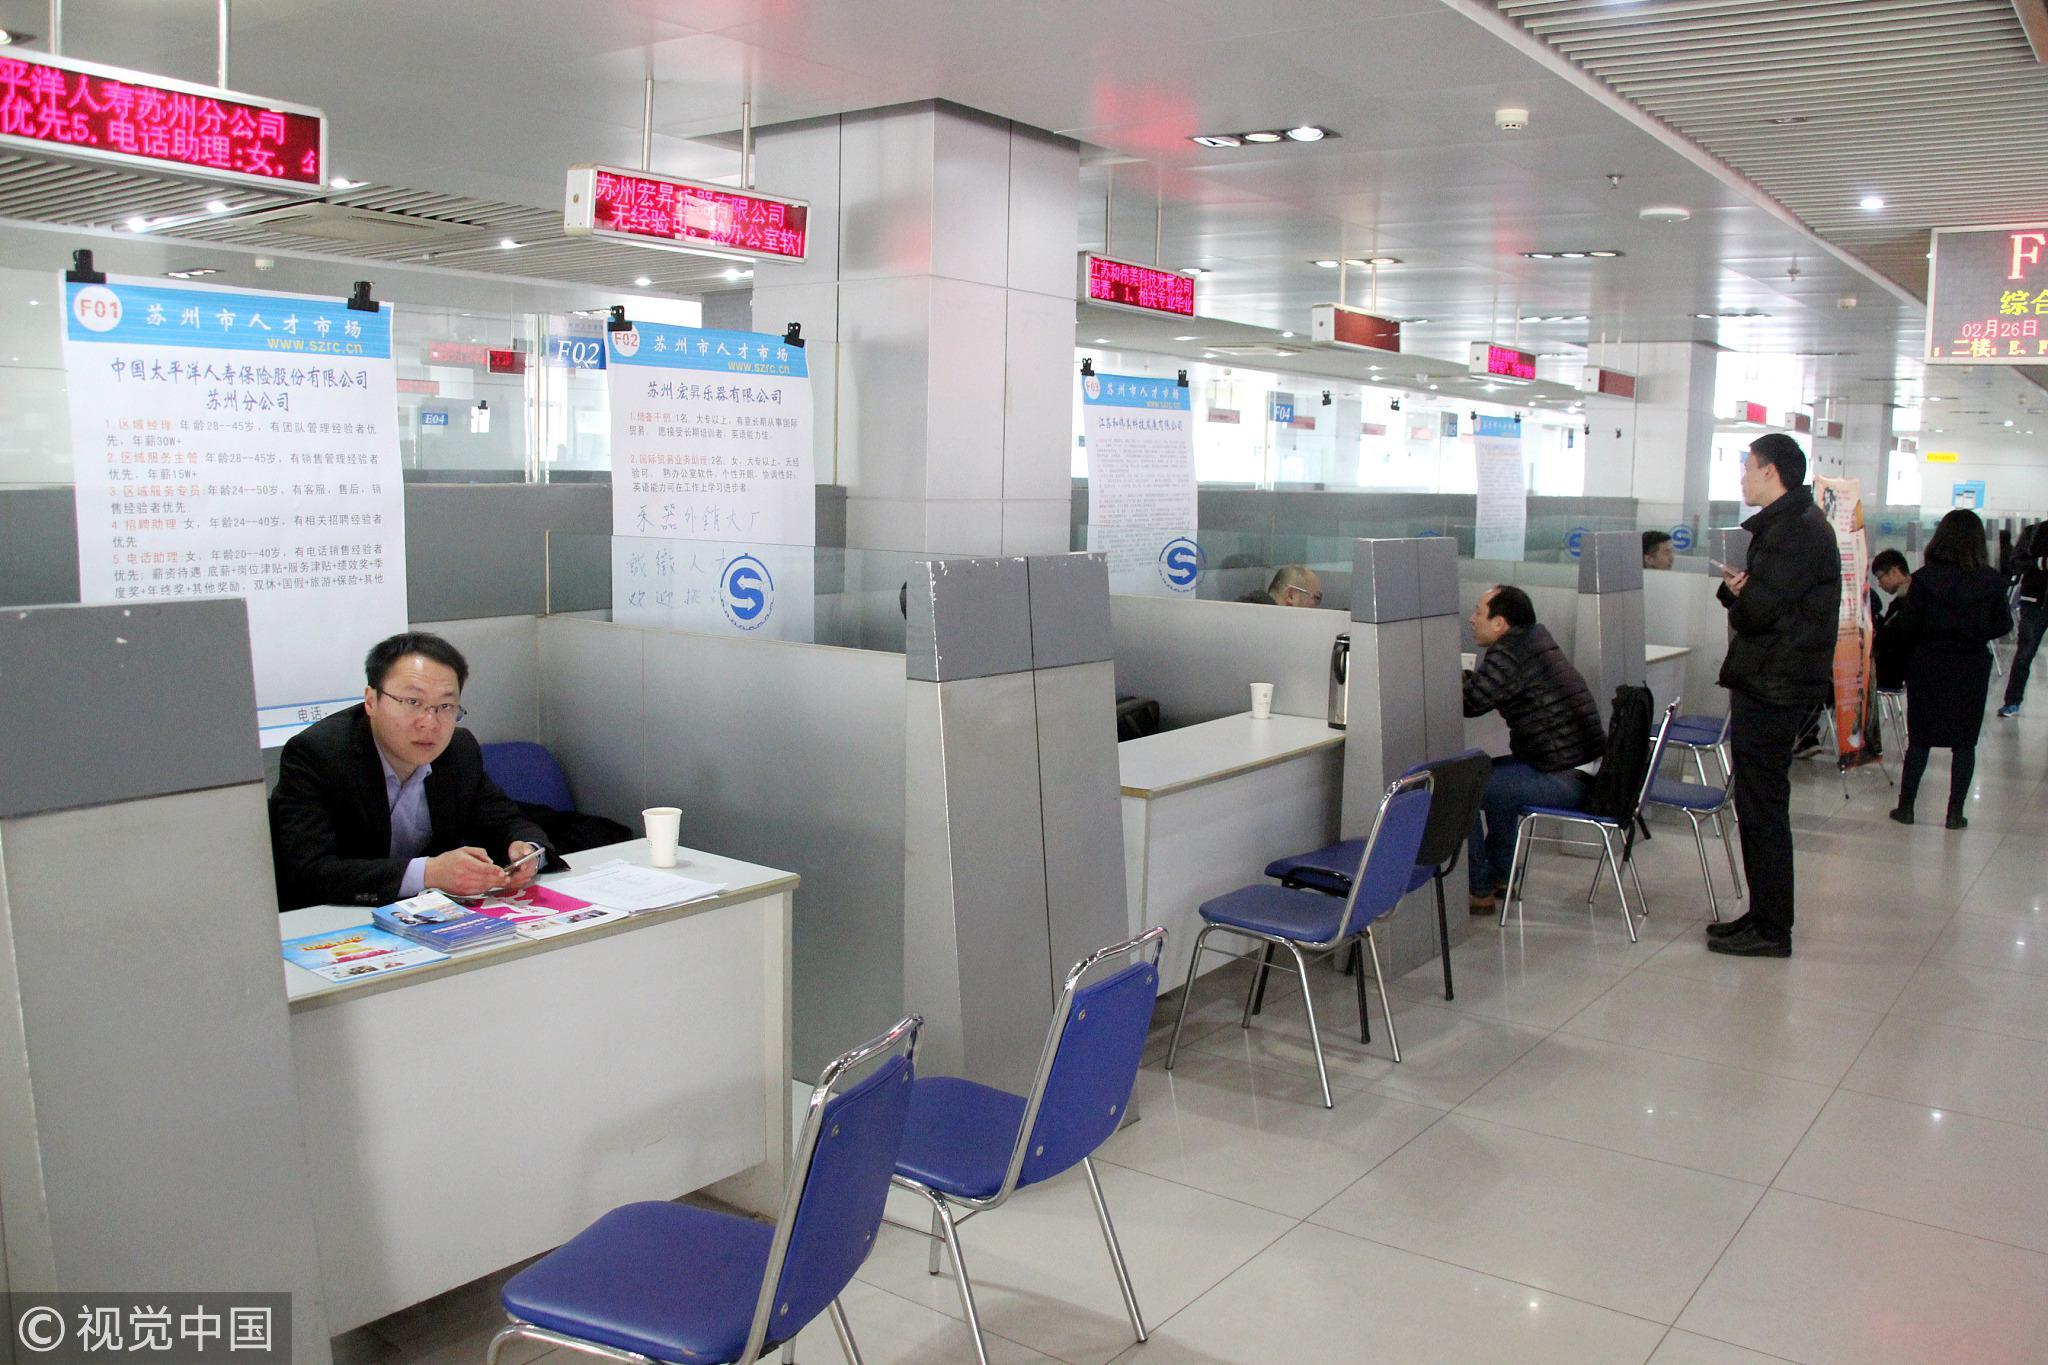 2017年2月26日,苏州市人力市场招聘大厅内显得十分冷清/视觉中国